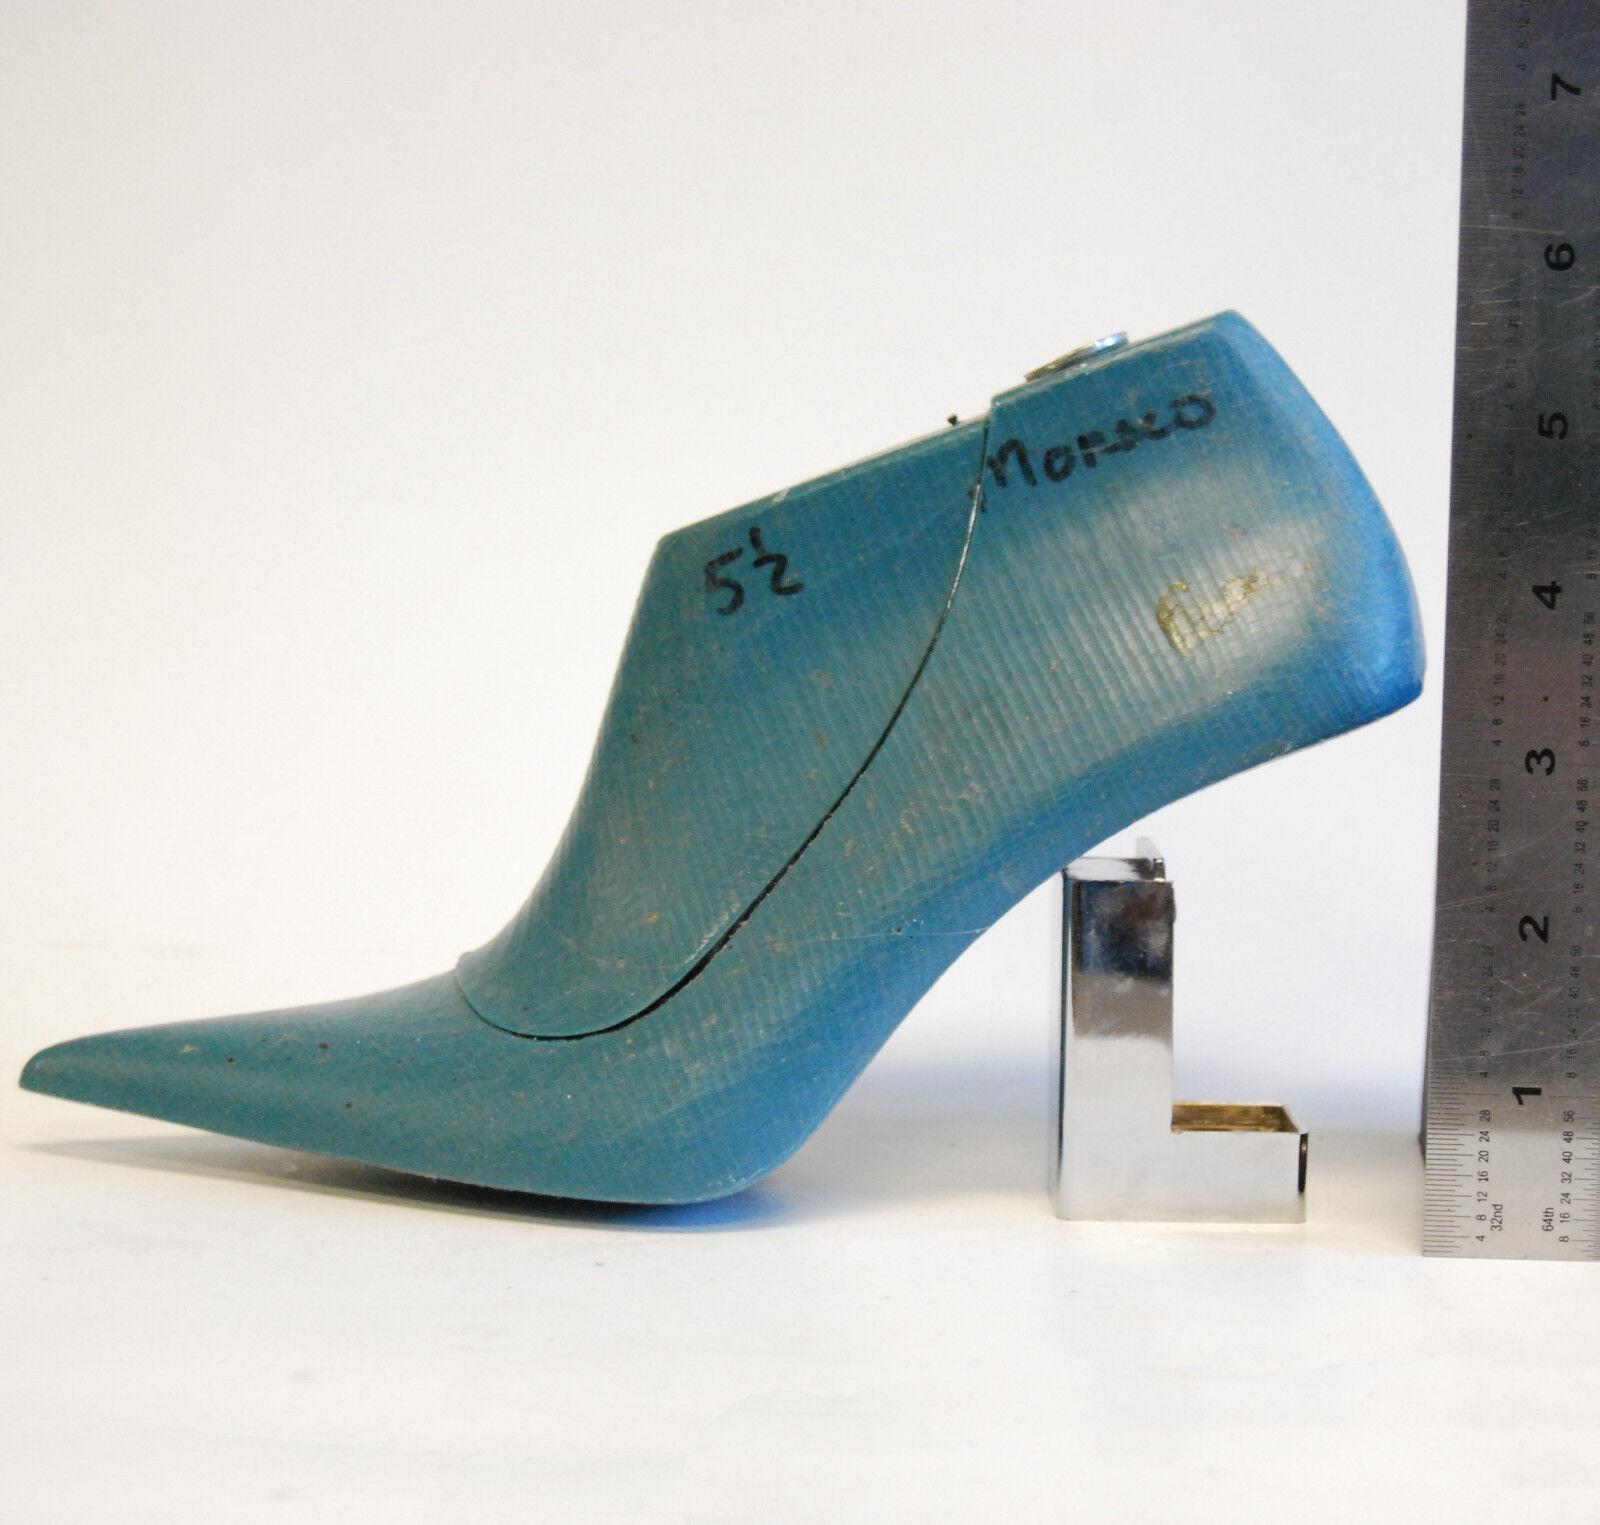 forma unica Donna  Stiletto scarpe Molds Lasts Pair, 3.5 3.5 3.5  Heel, US 5.5, EUR 35.5, Plastic  edizione limitata a caldo